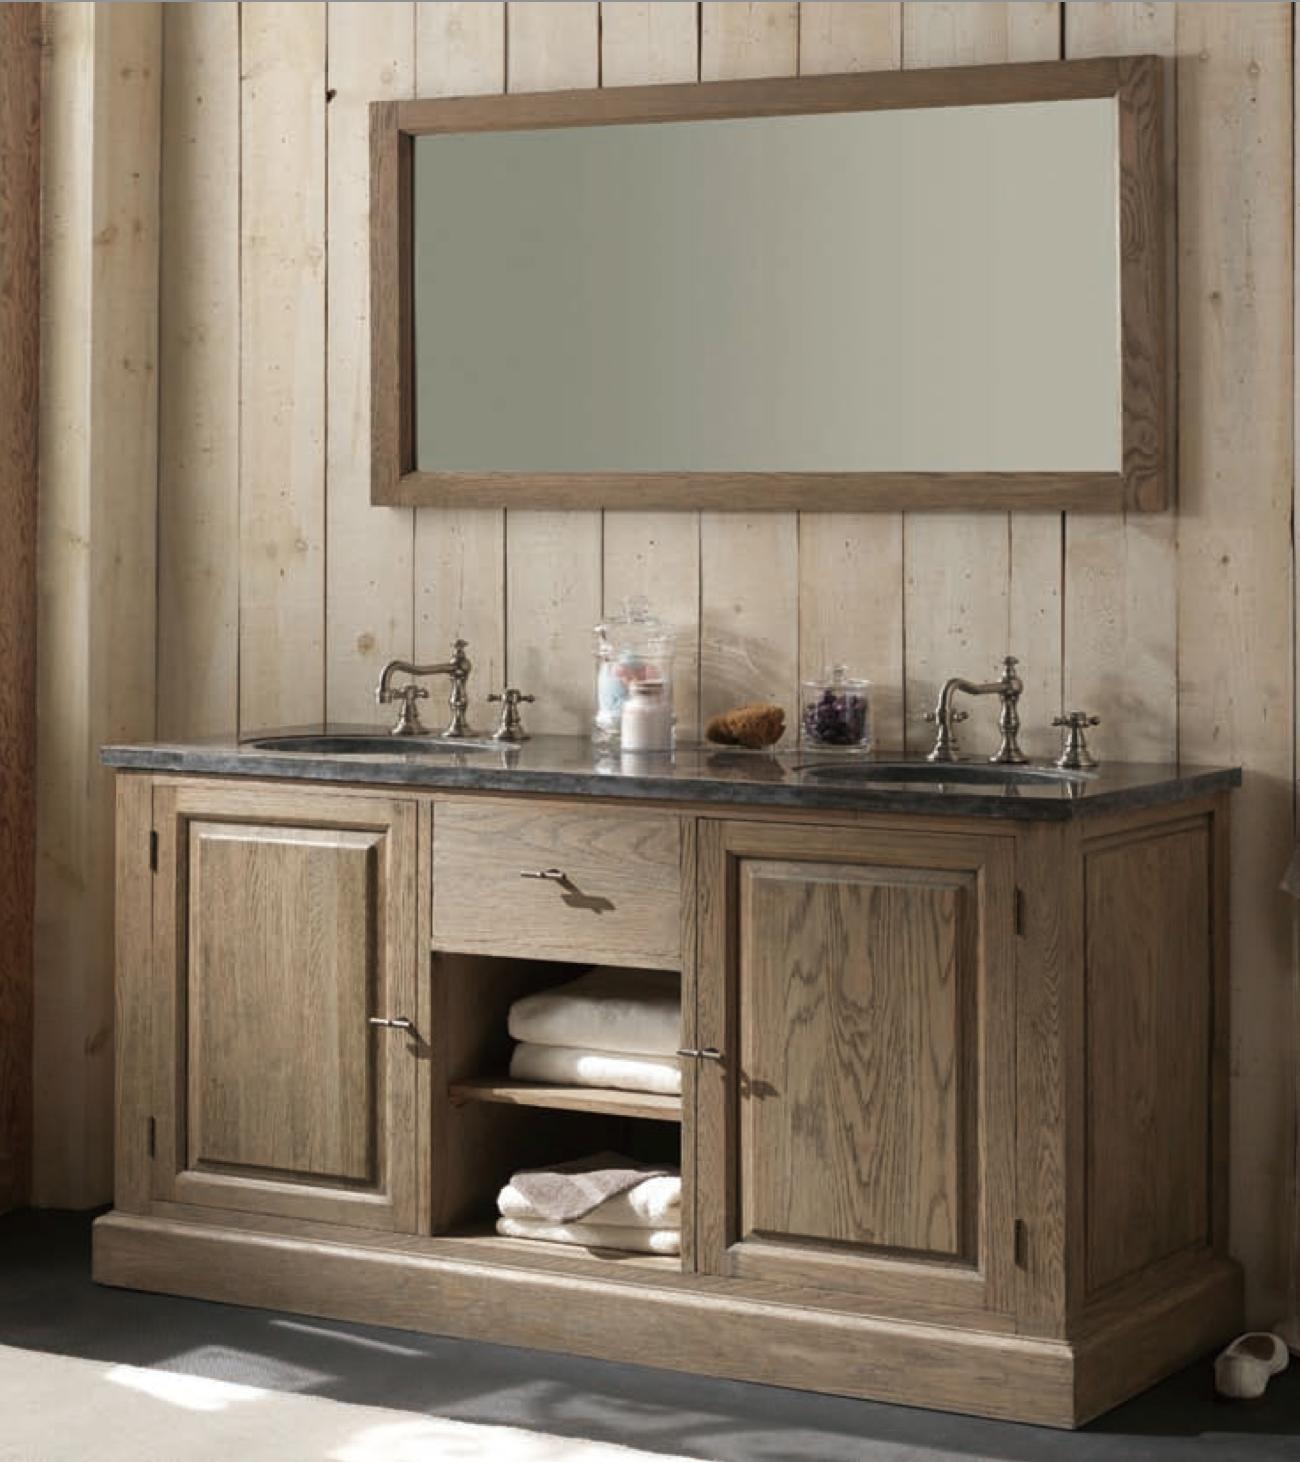 Badkamermeubel landelijke stijl google zoeken for Meubels landelijke stijl